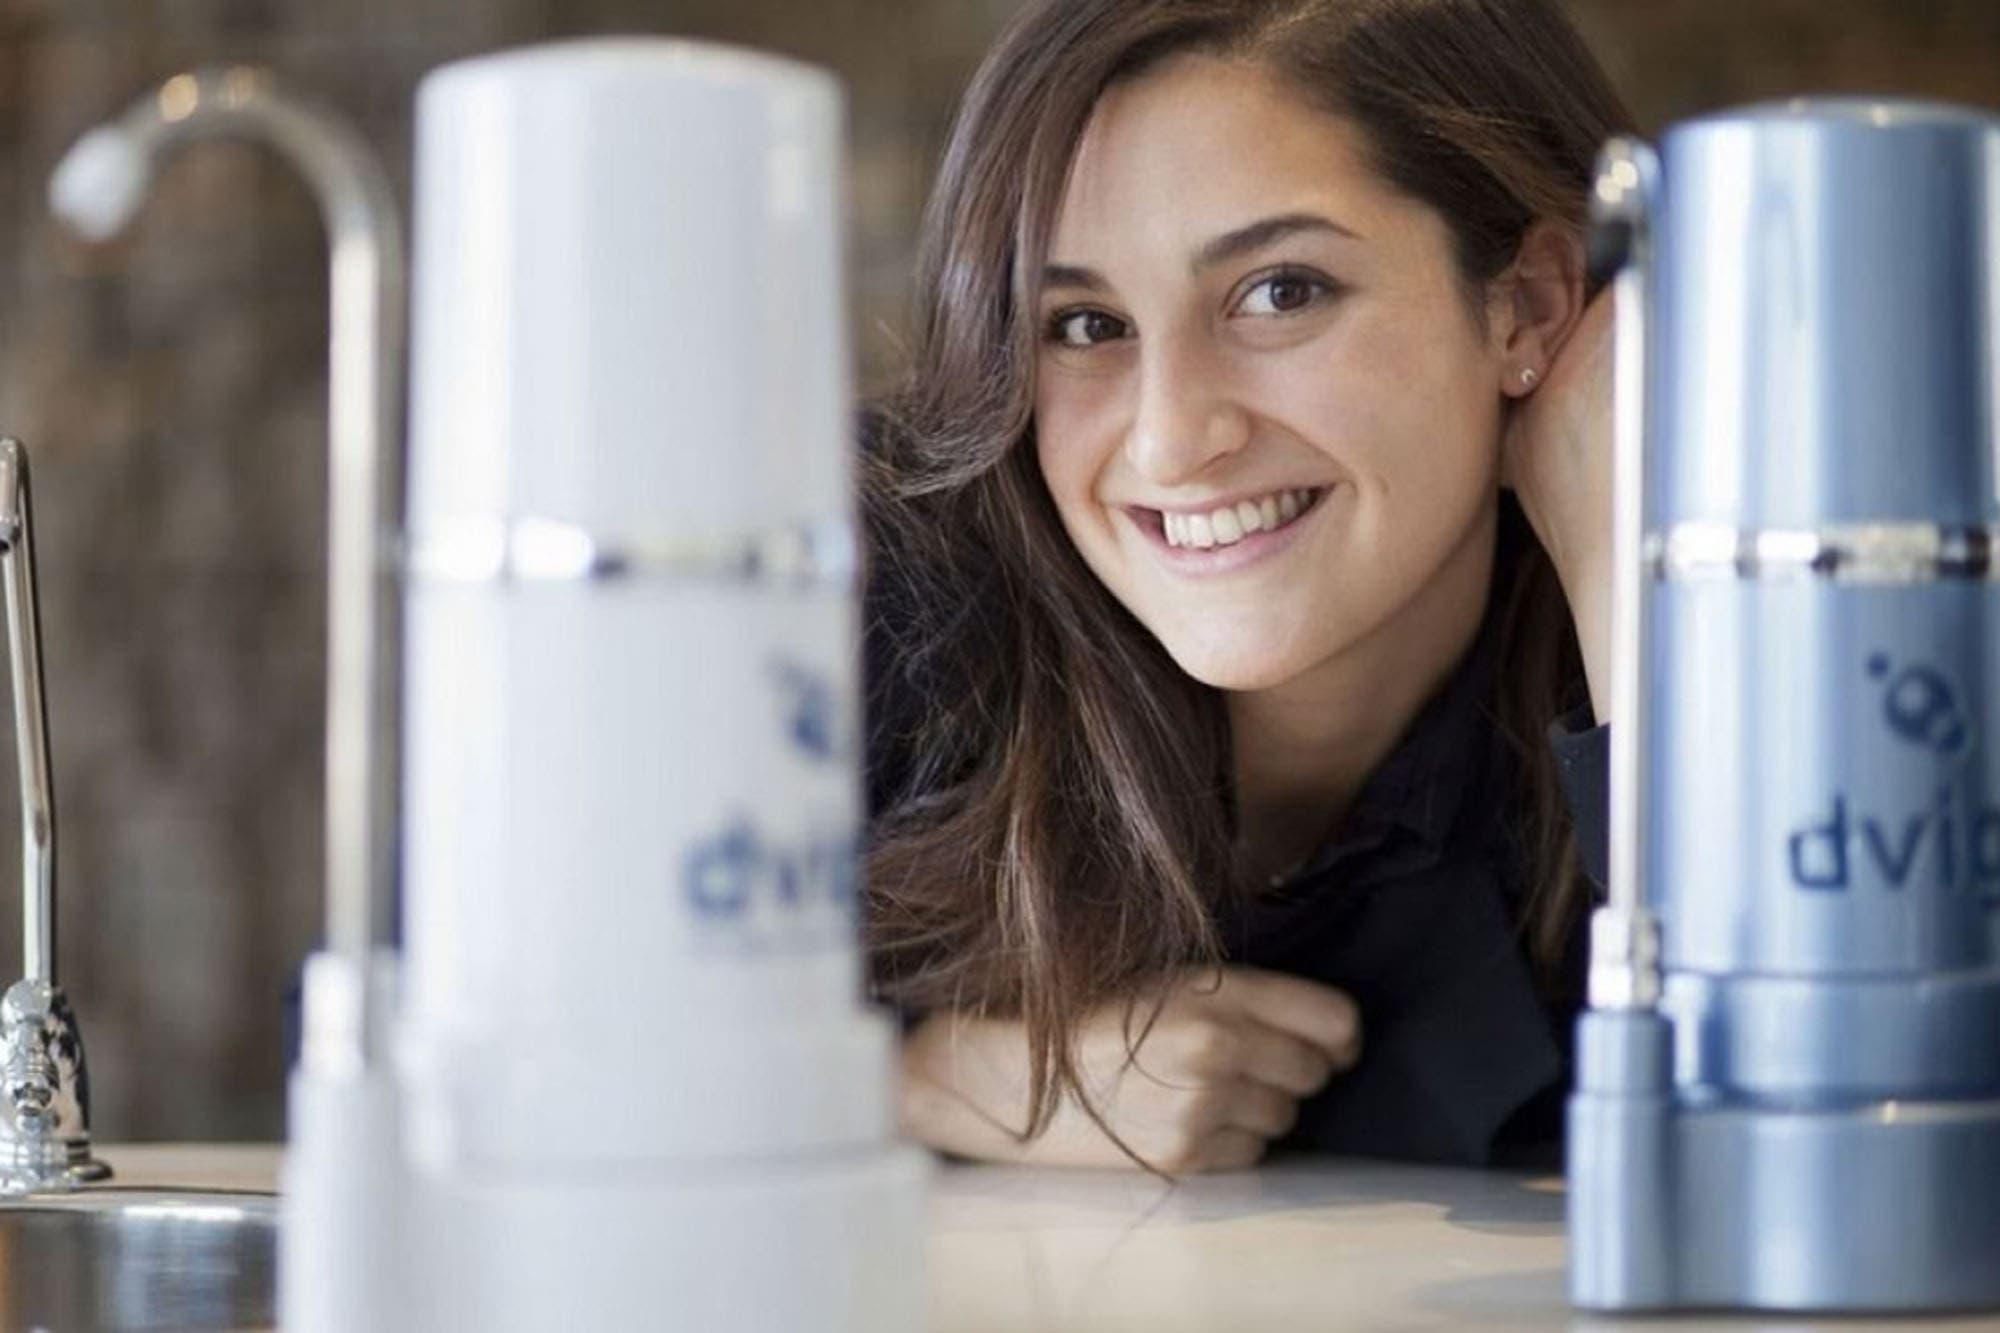 Purificadores de agua: una empresa saludable que apunta al mercado global